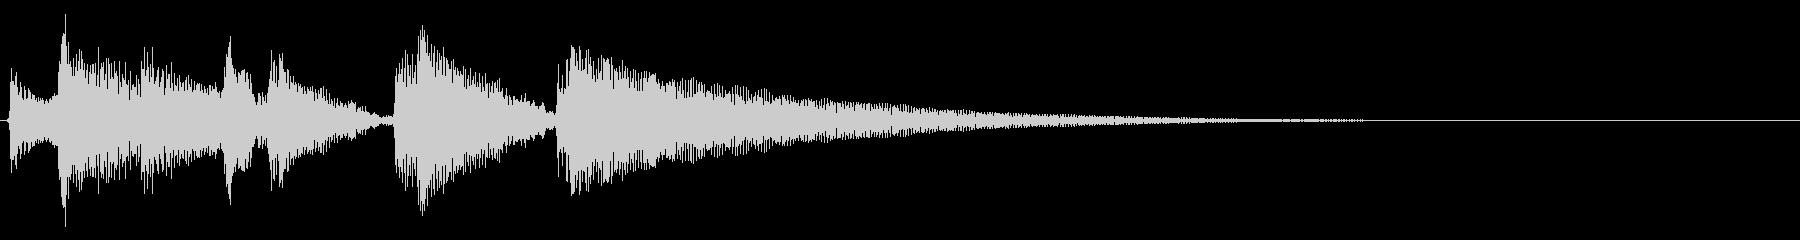 アコギ生音のジングル/爽やか6の未再生の波形